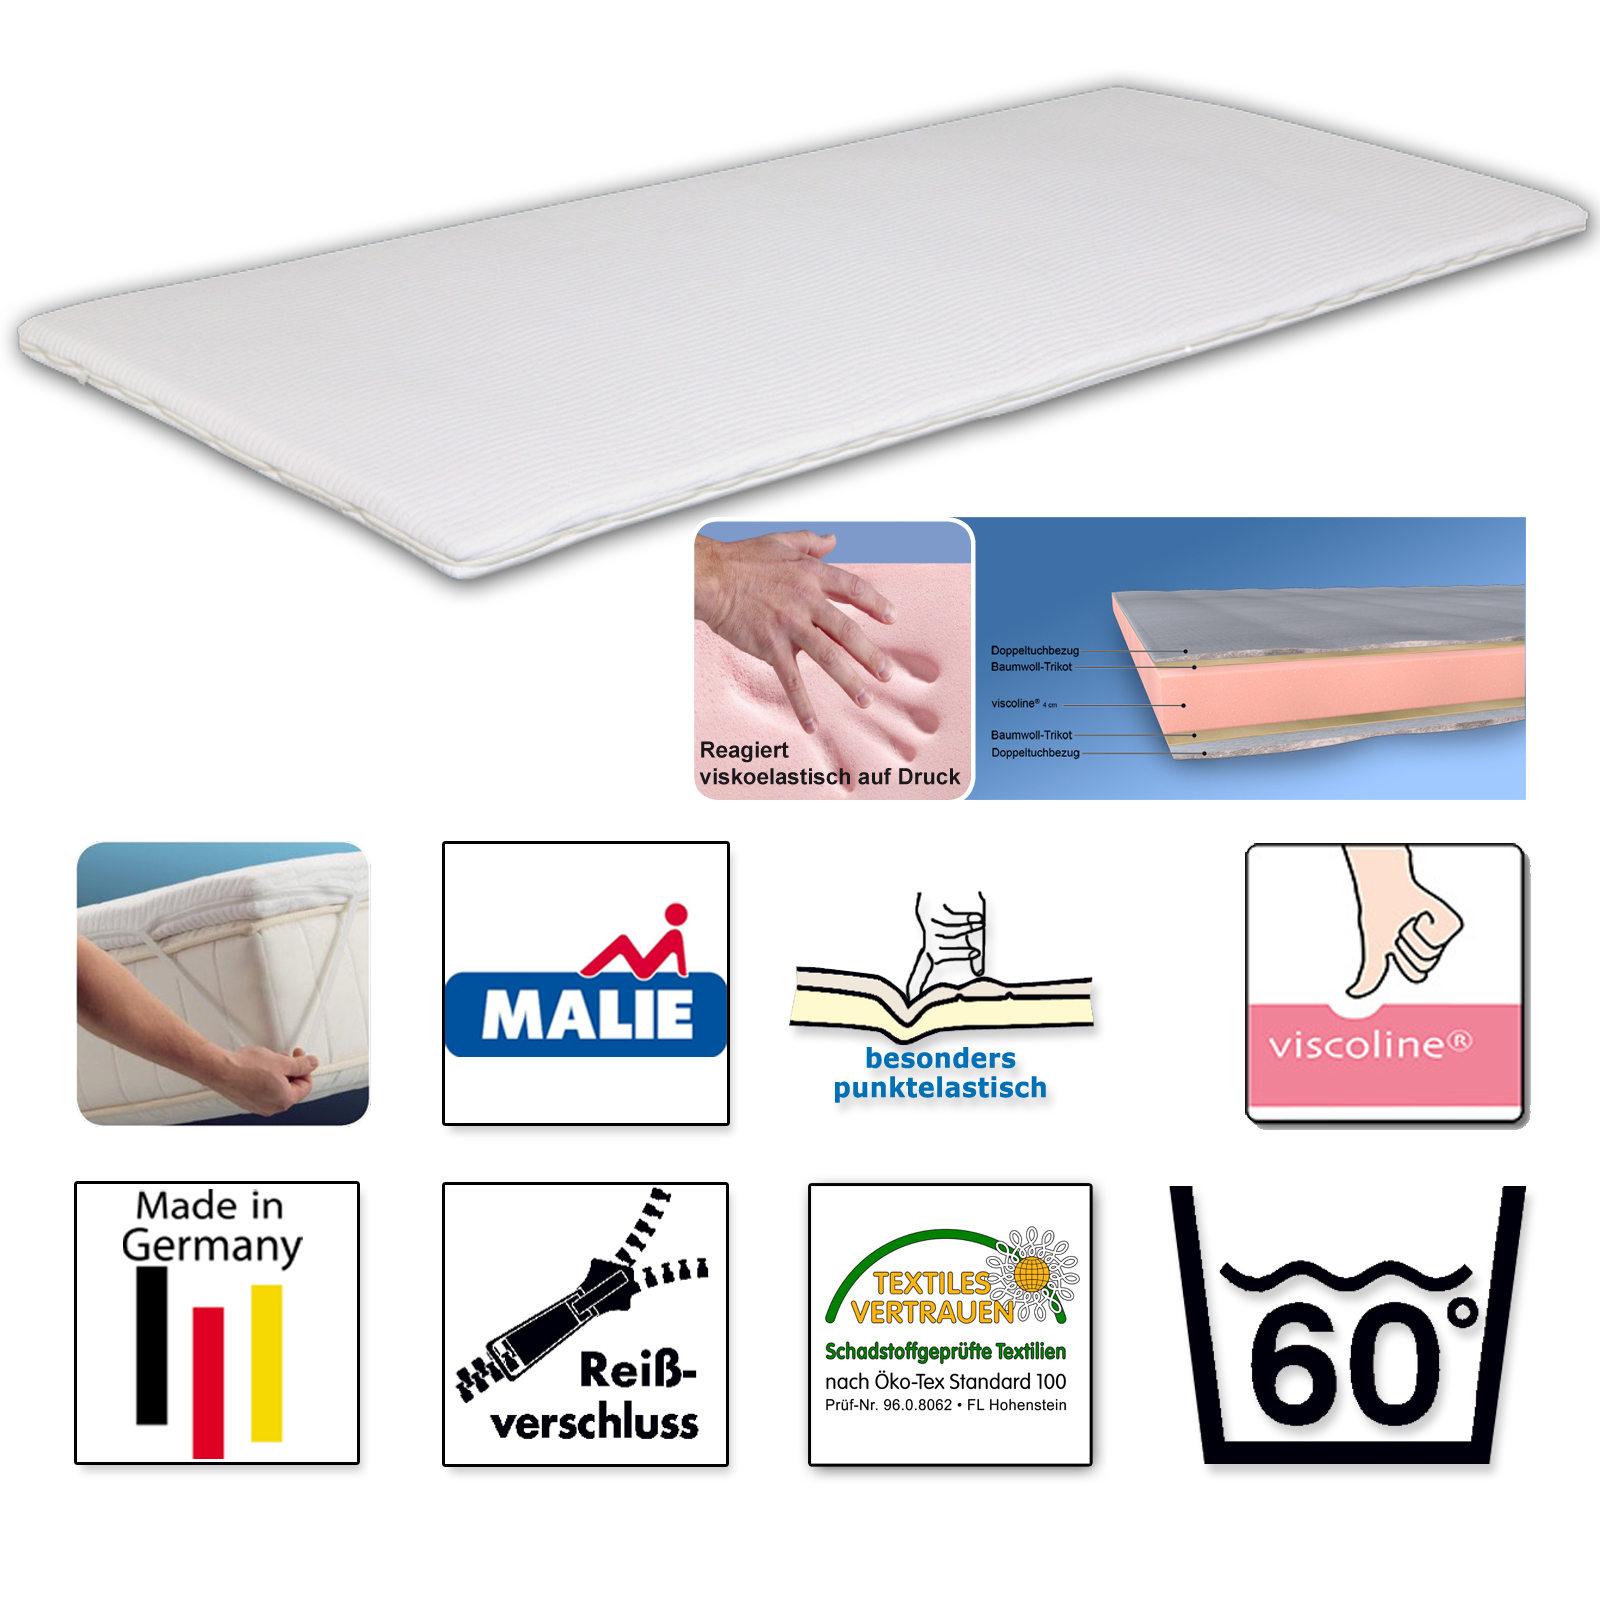 malie topper sirius matratzenauflage mit visco schaum kern ebay. Black Bedroom Furniture Sets. Home Design Ideas